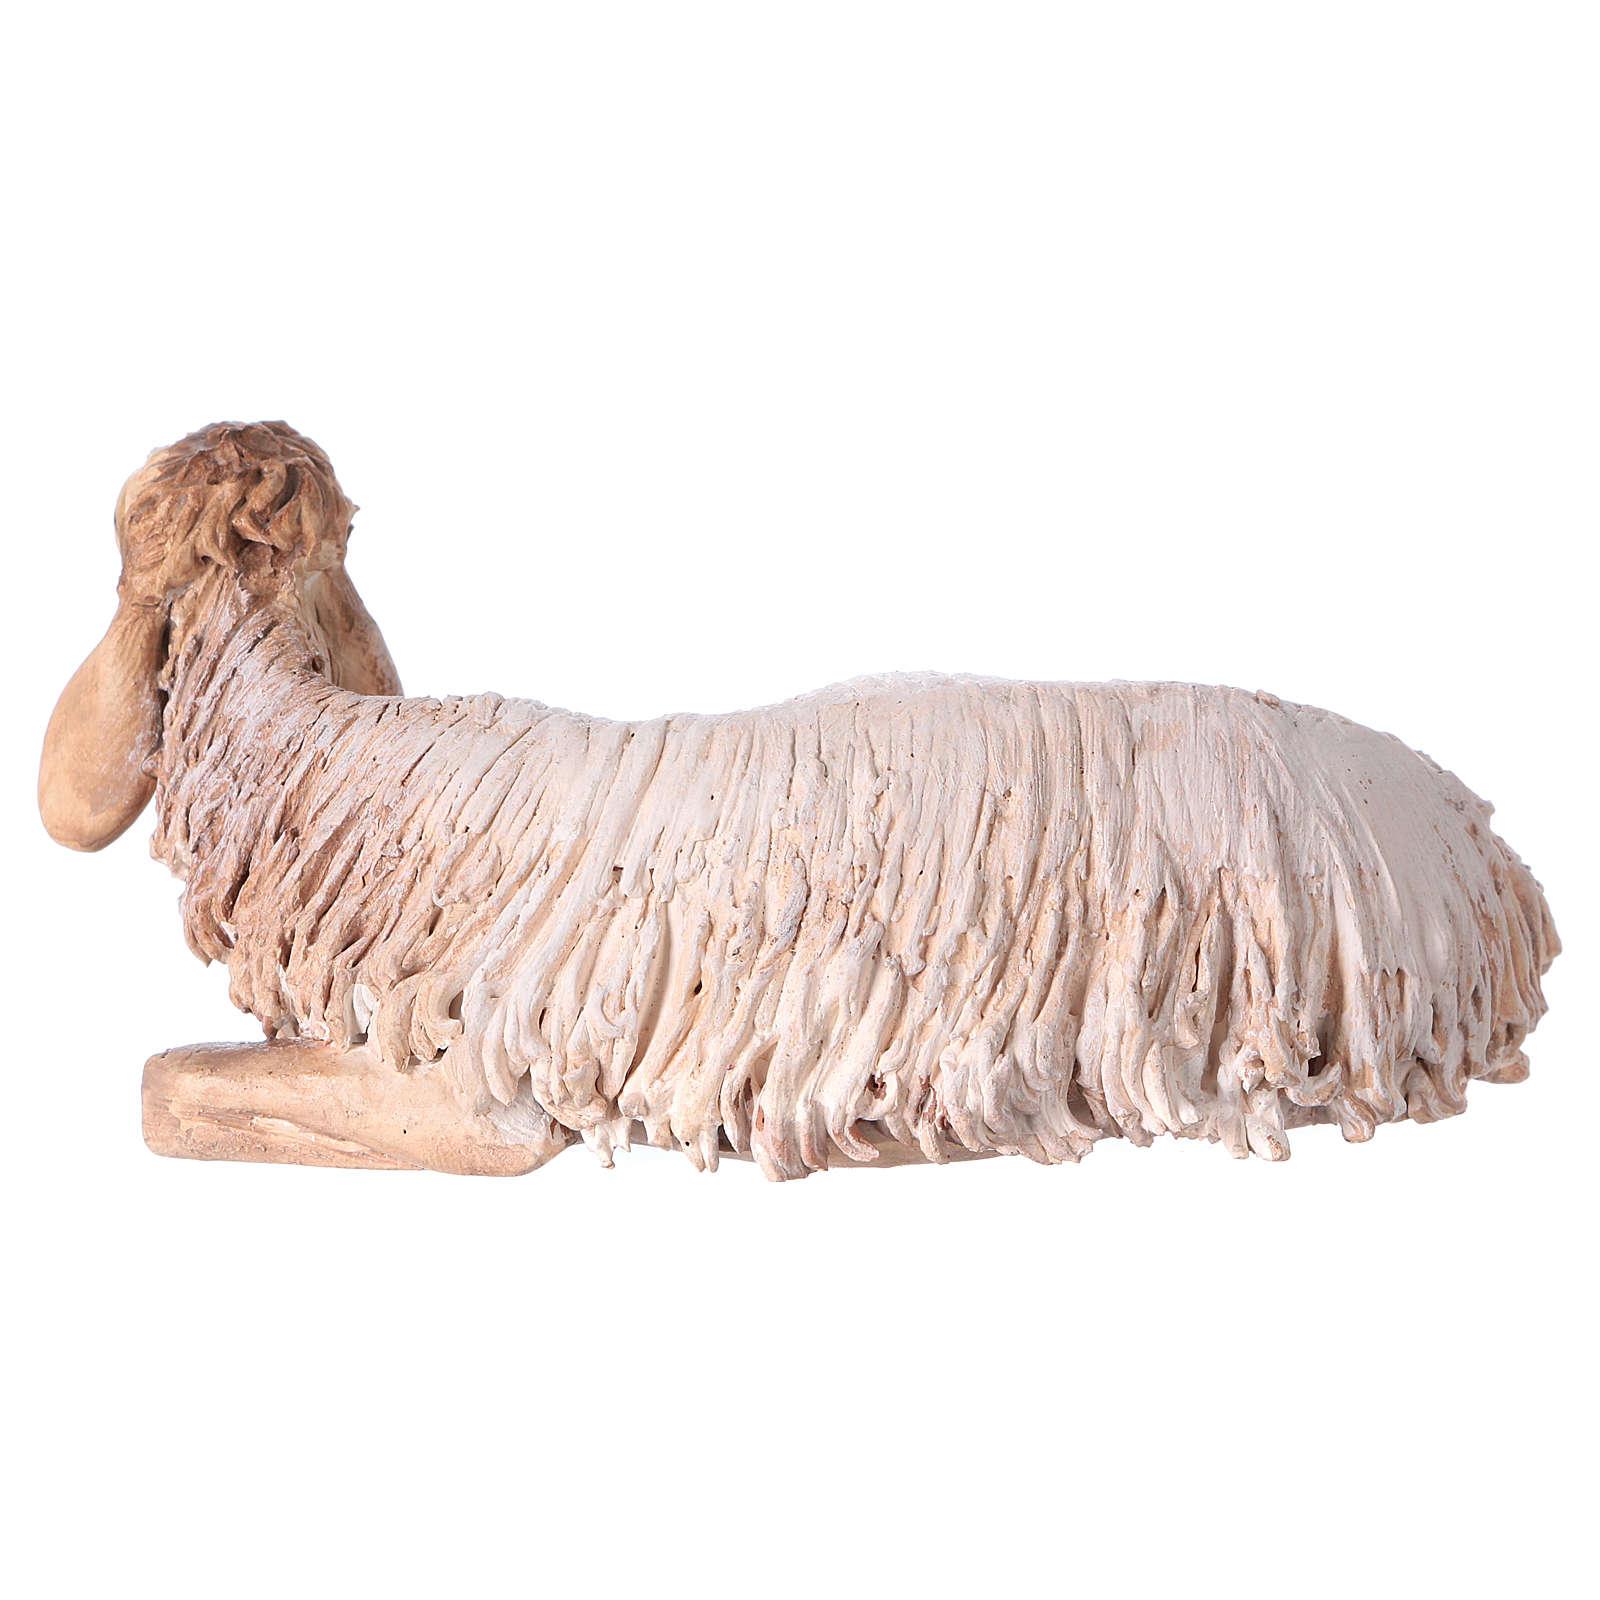 Owca siedząca 18 cm Angela Tripi terakota 4